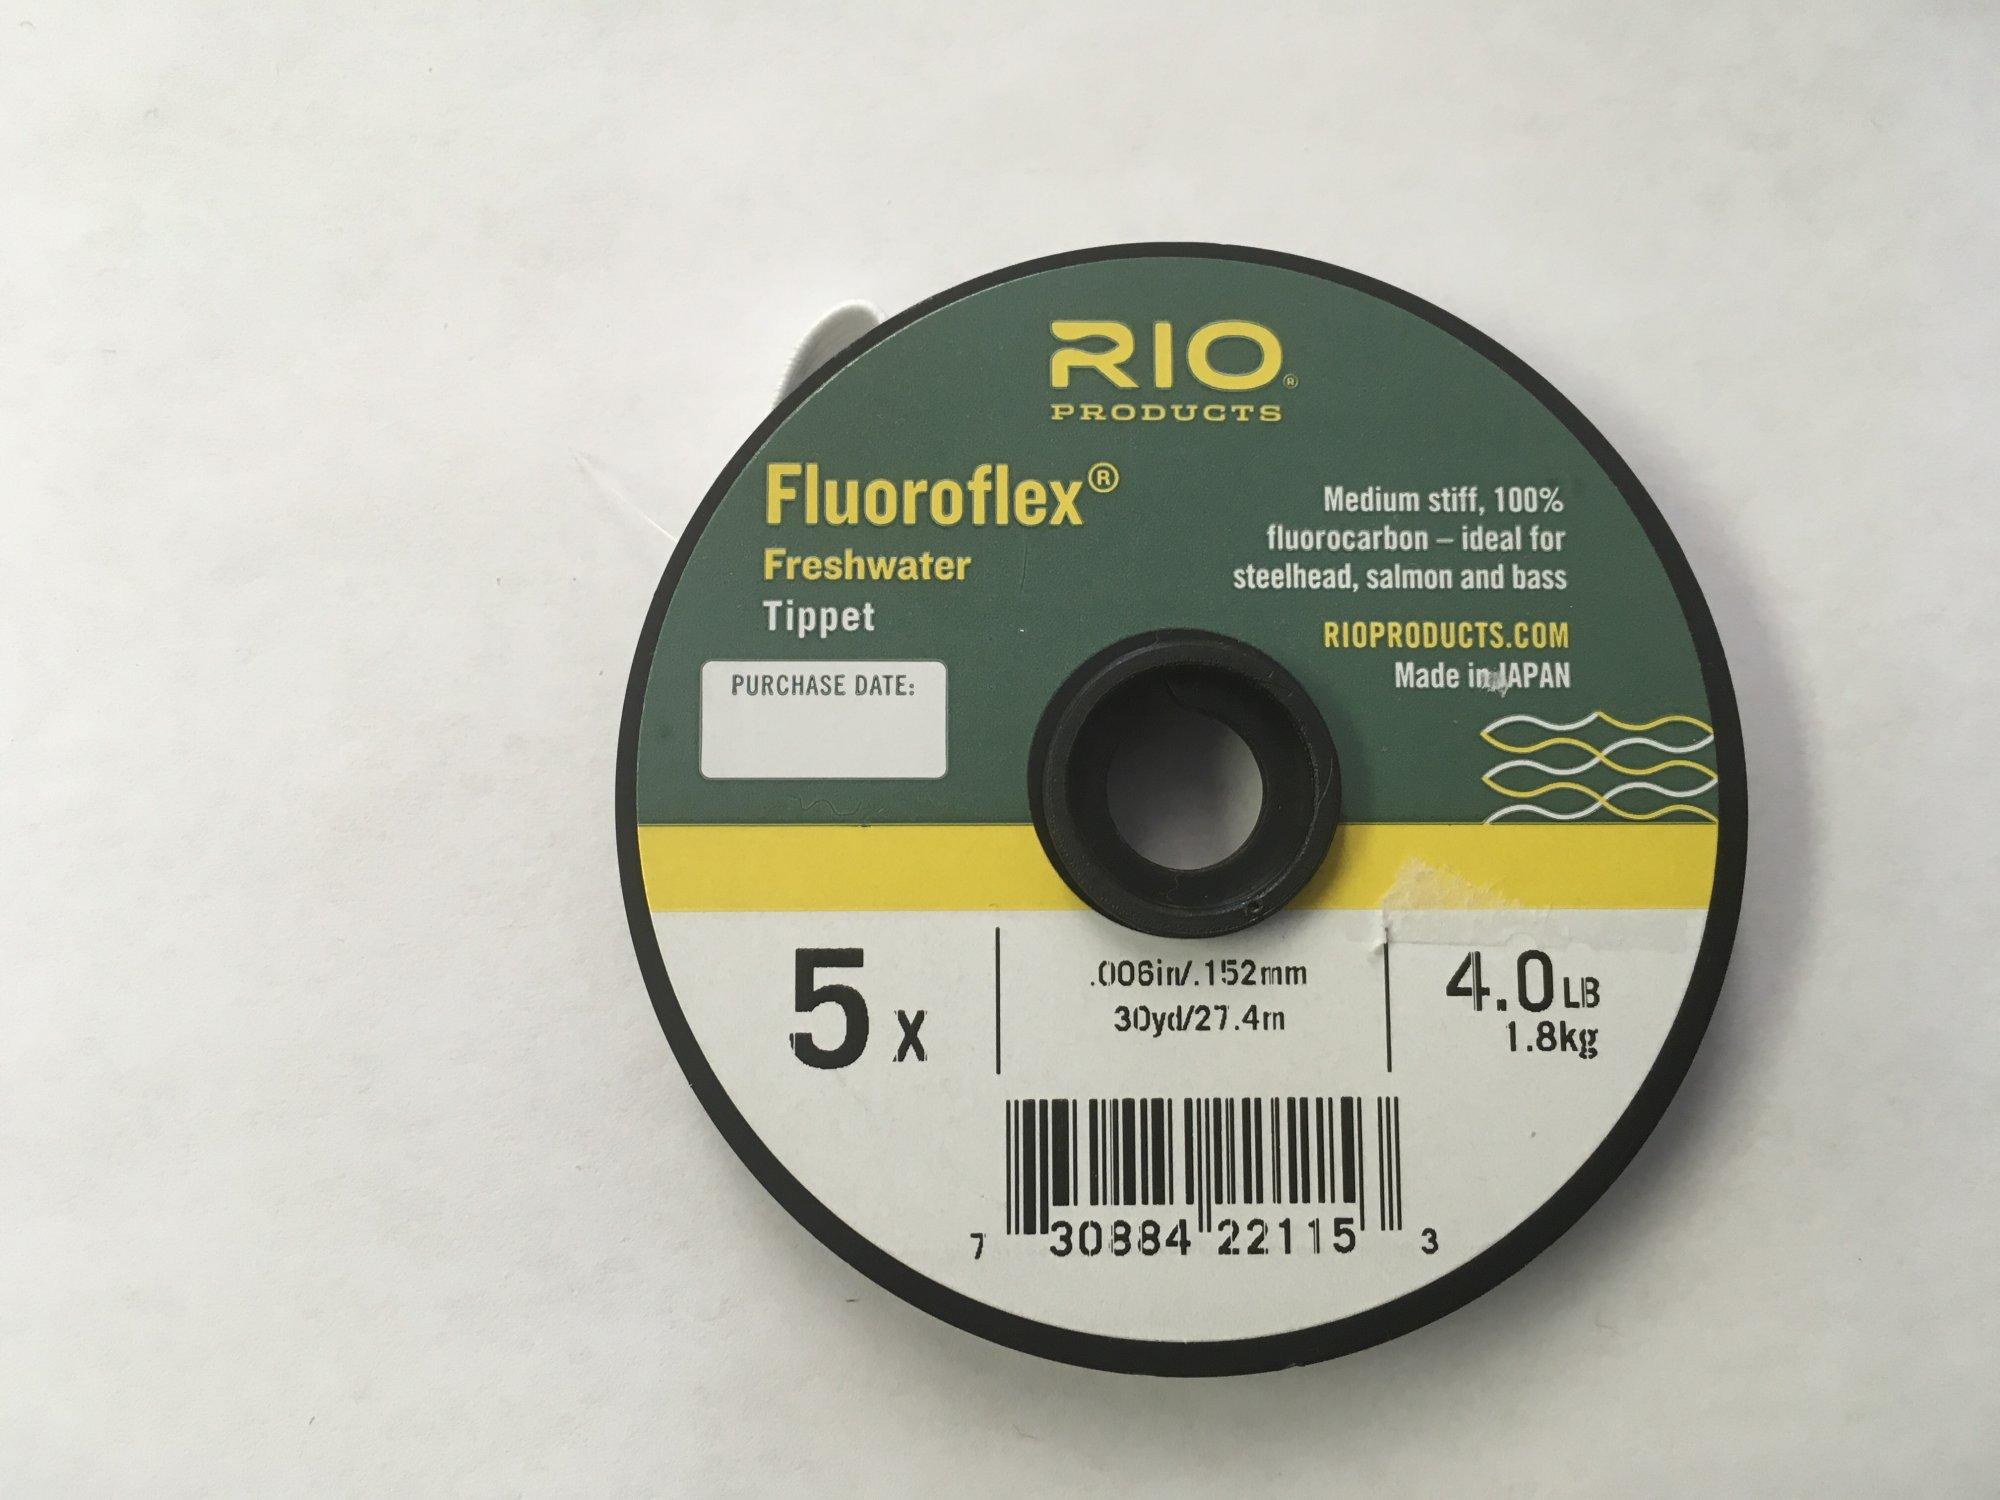 Fluoroflex 5x Tippet